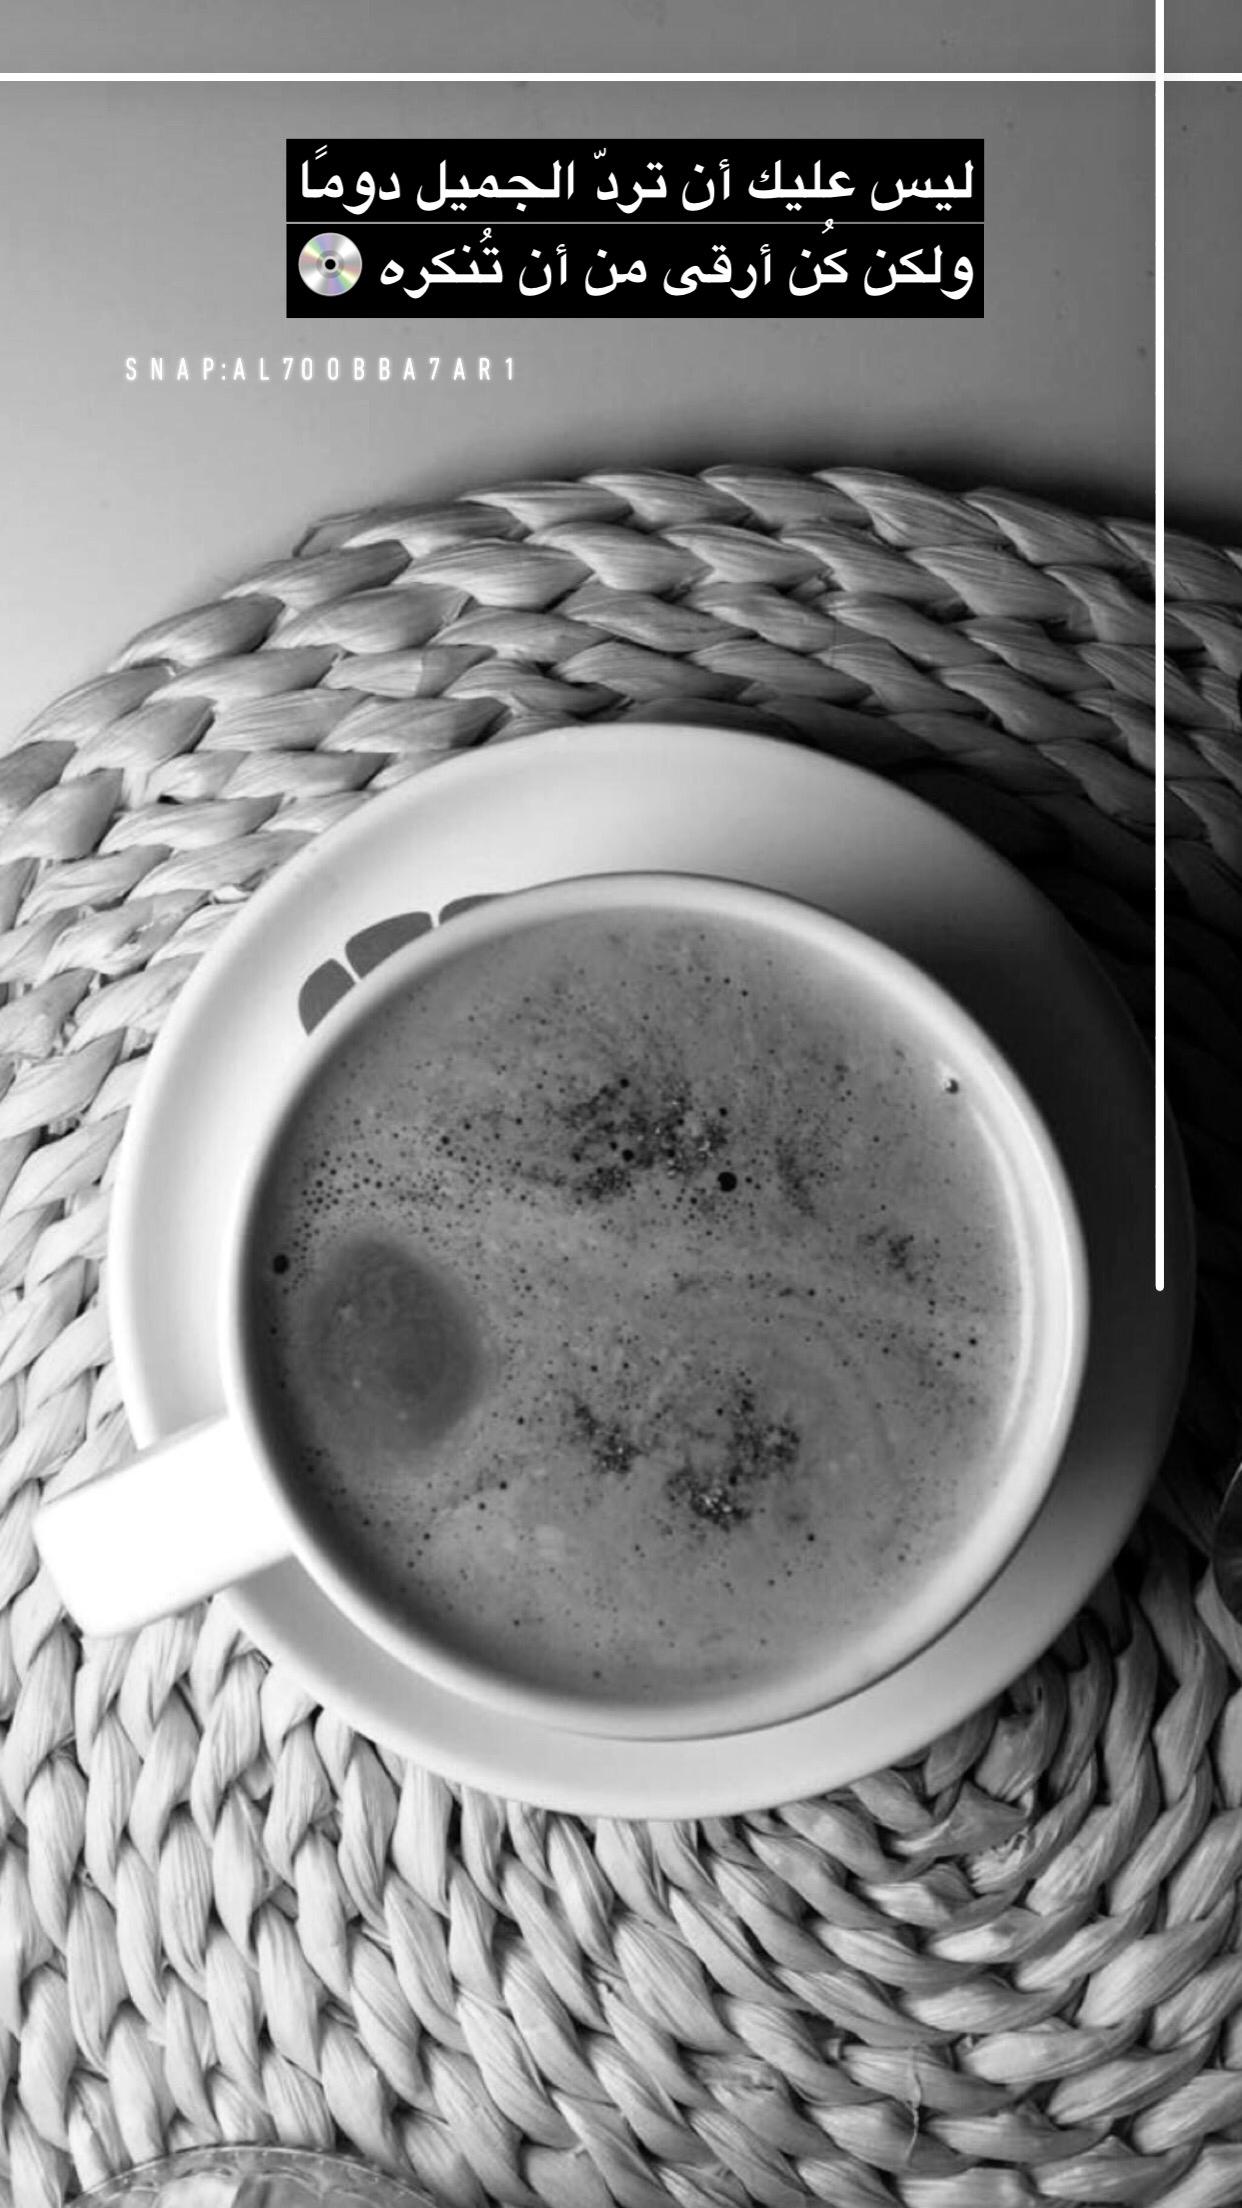 همسة ليس عليك أن ترد الجميل دوم ا و لكن ك ن أرقى من أن ت نكره تصويري تصويري سناب تصميمي تصميم وقت وقت ال Coffee Drinks Tableware Glassware